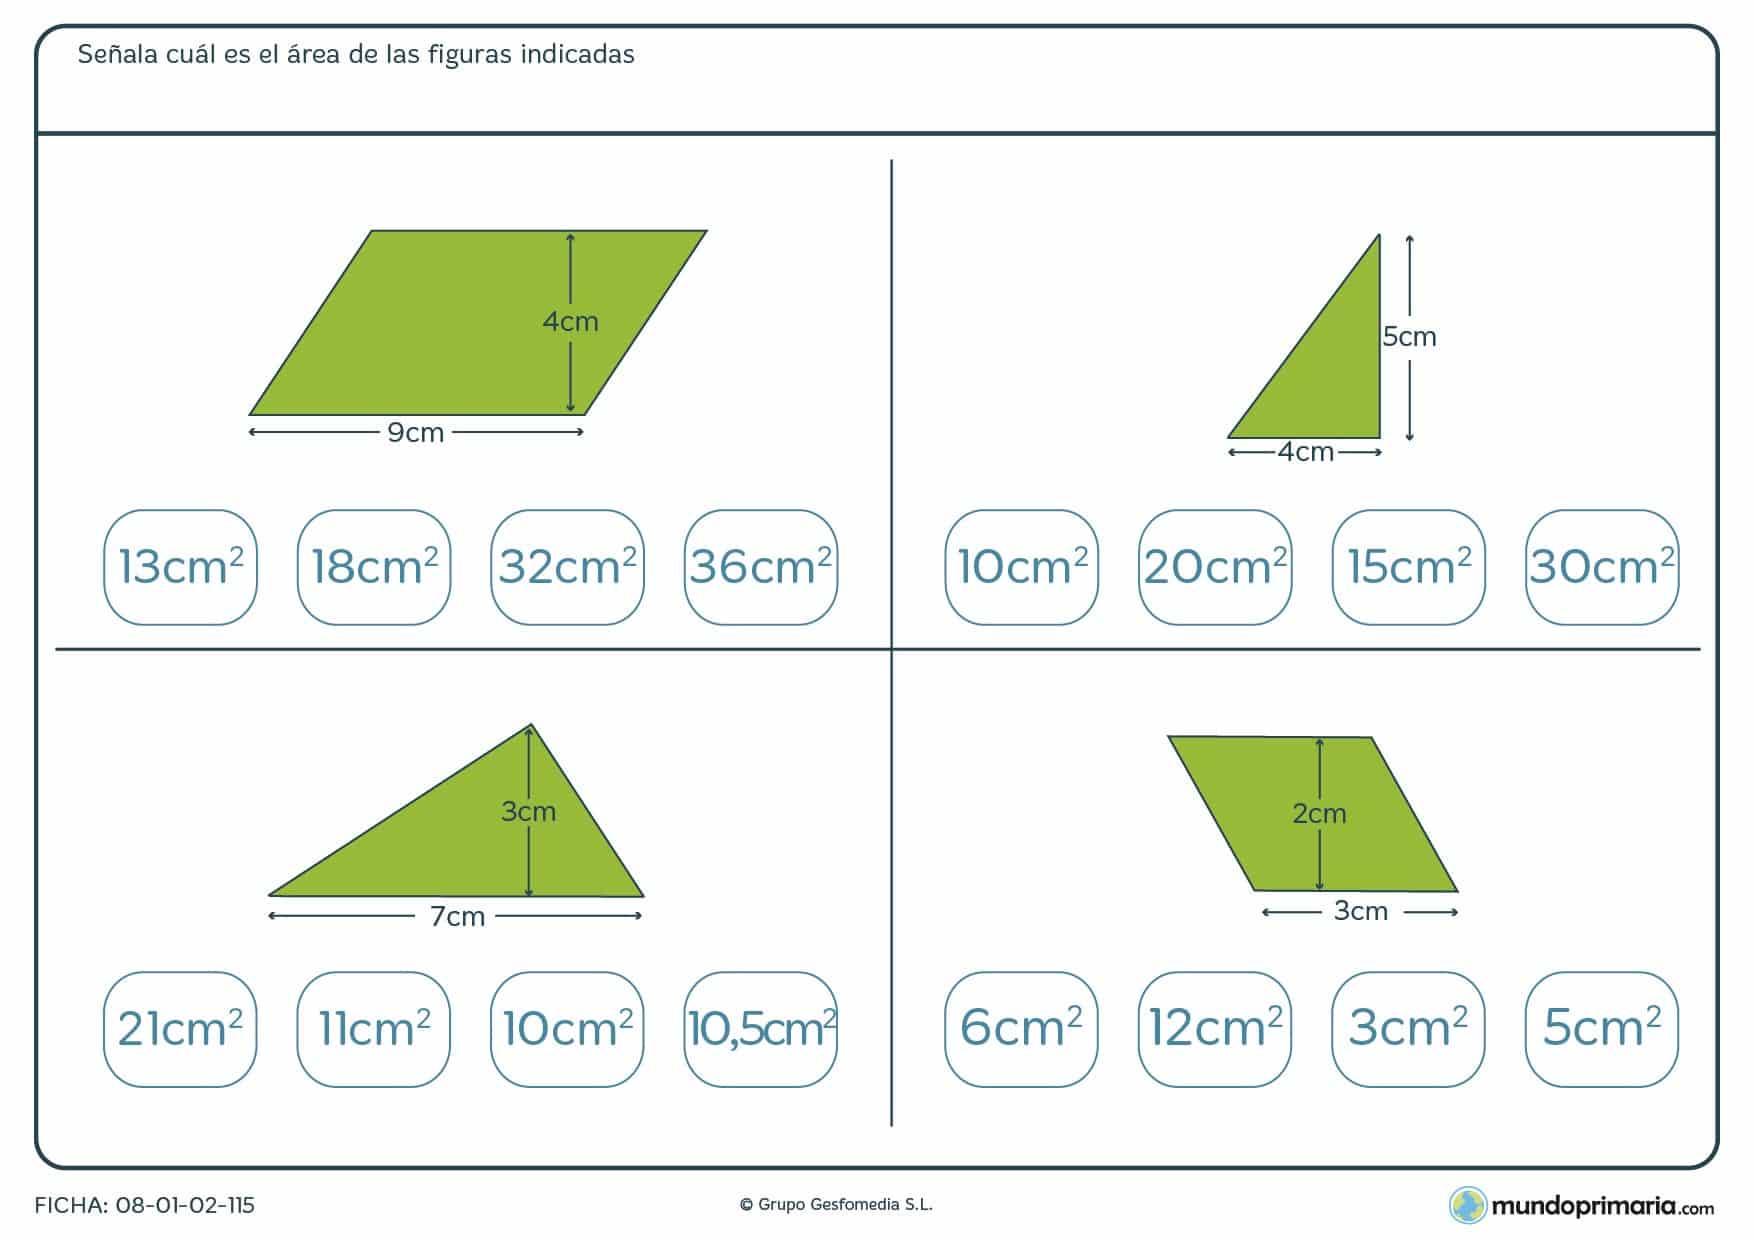 Ficha de hallar áreas de polígonos teniendo los datos de su base y altura.